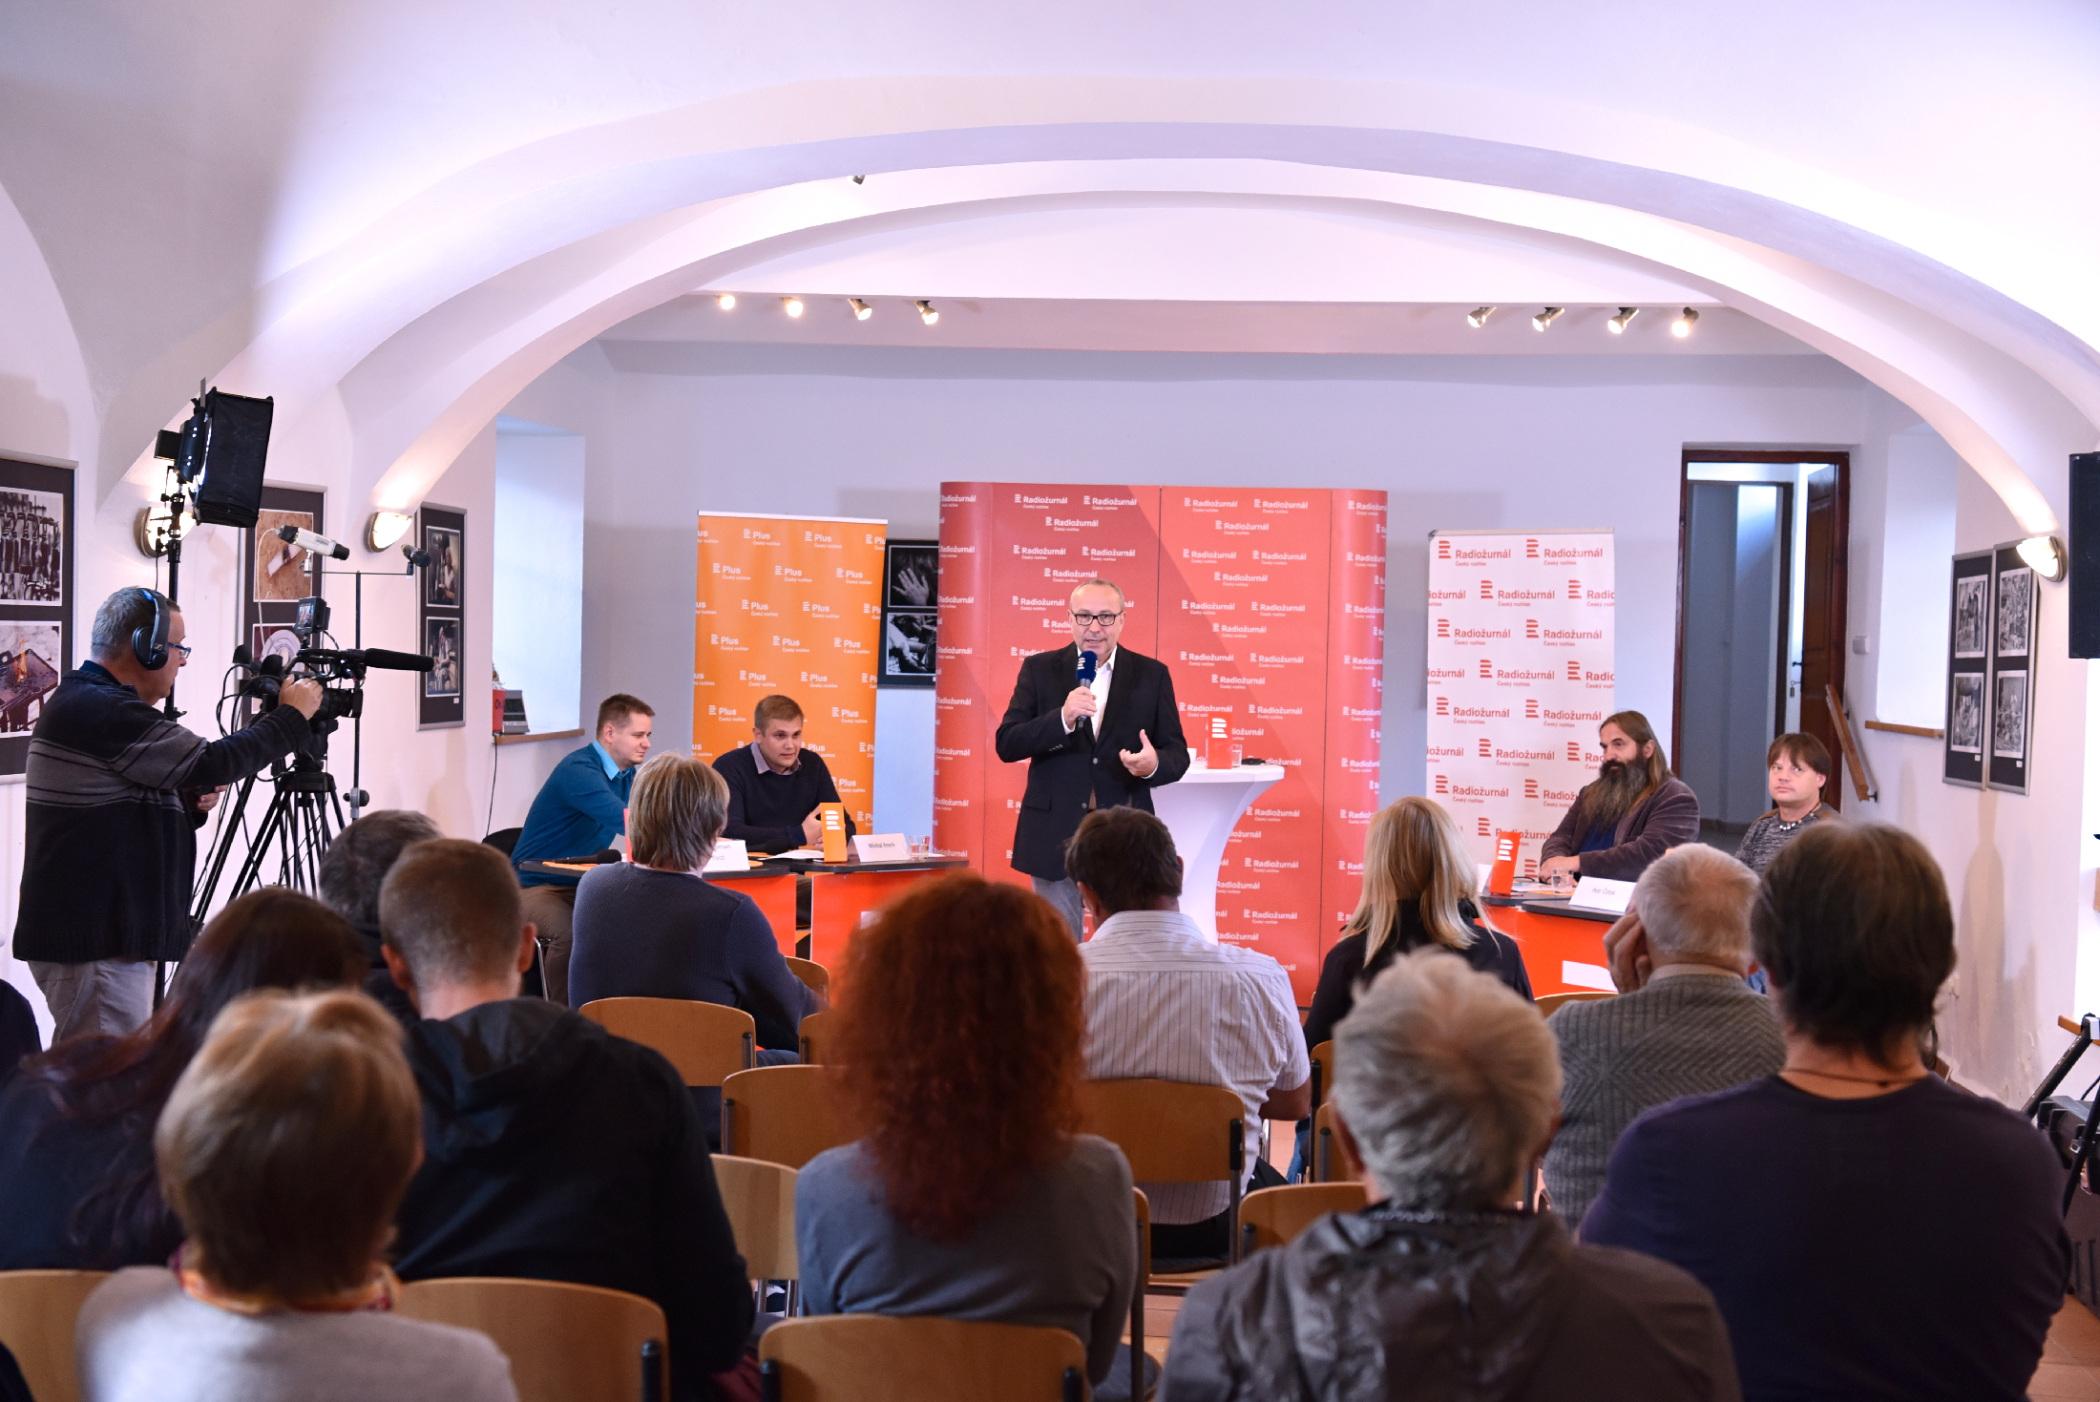 Předvolební debata v Chanovicích. Moderoval Jan pokorný